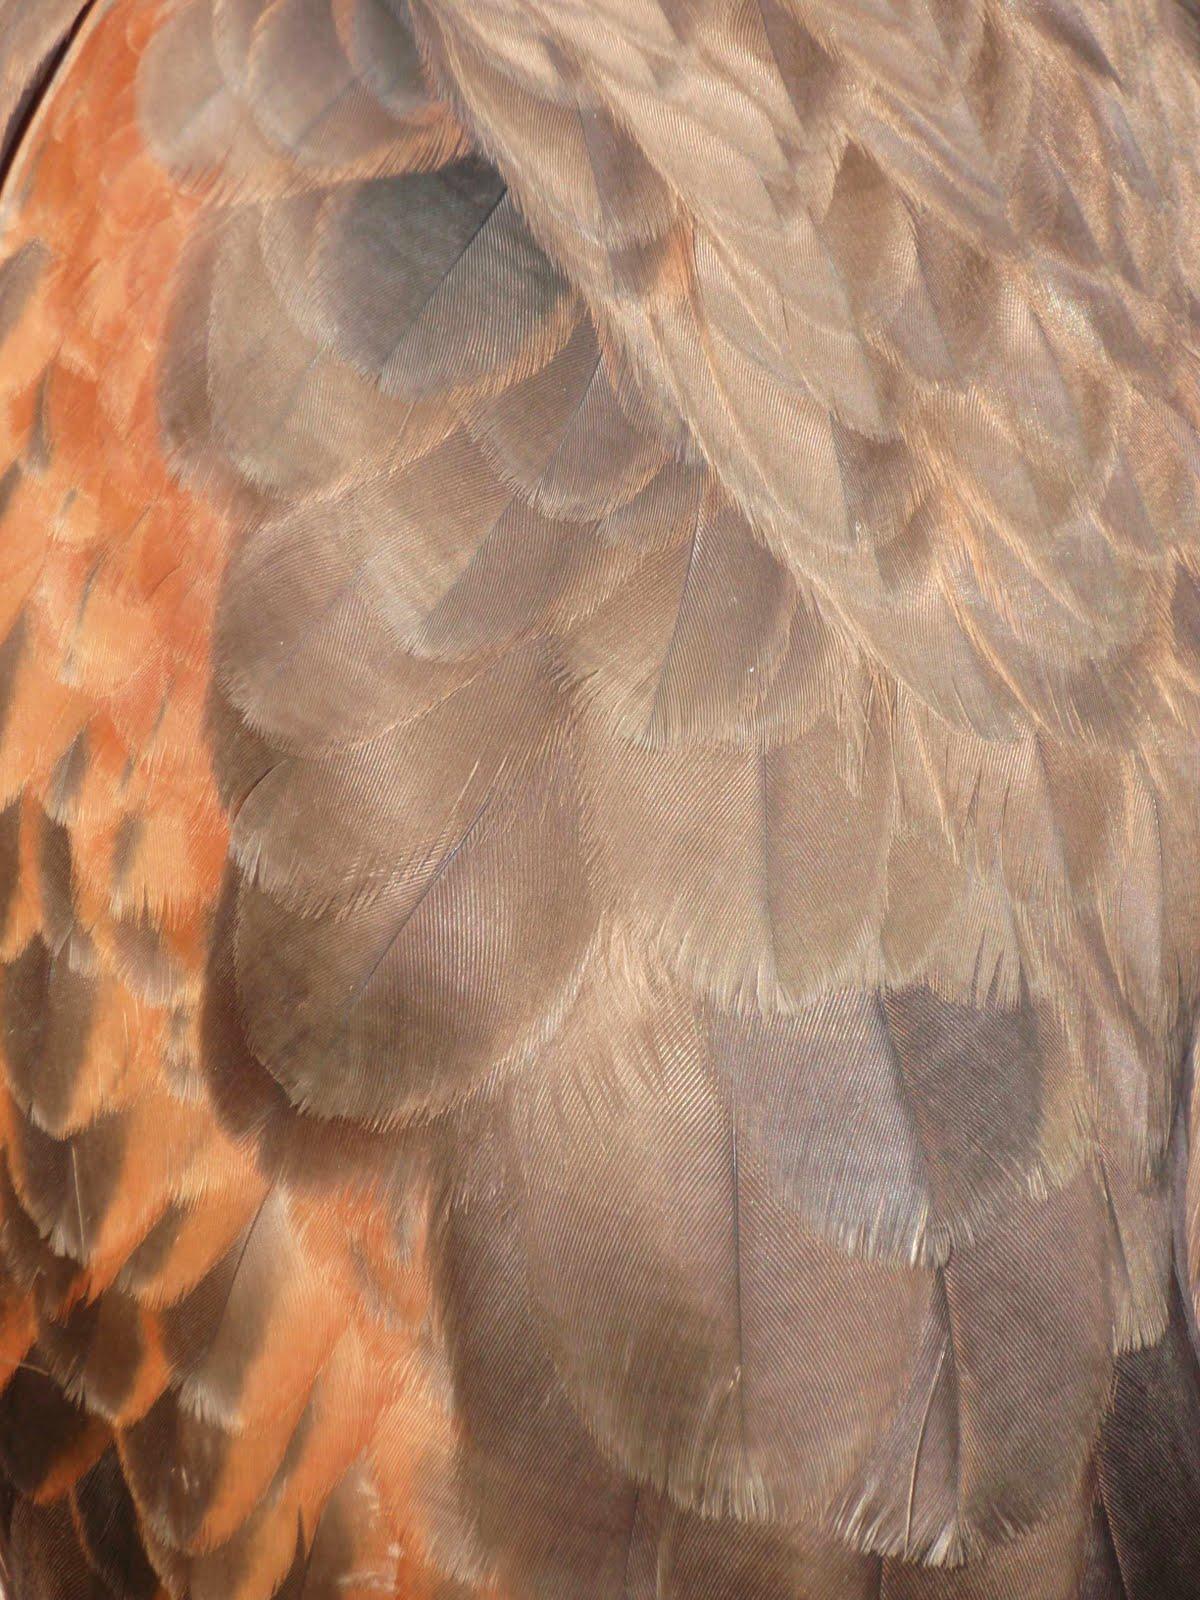 Bird Feathers Close Up...